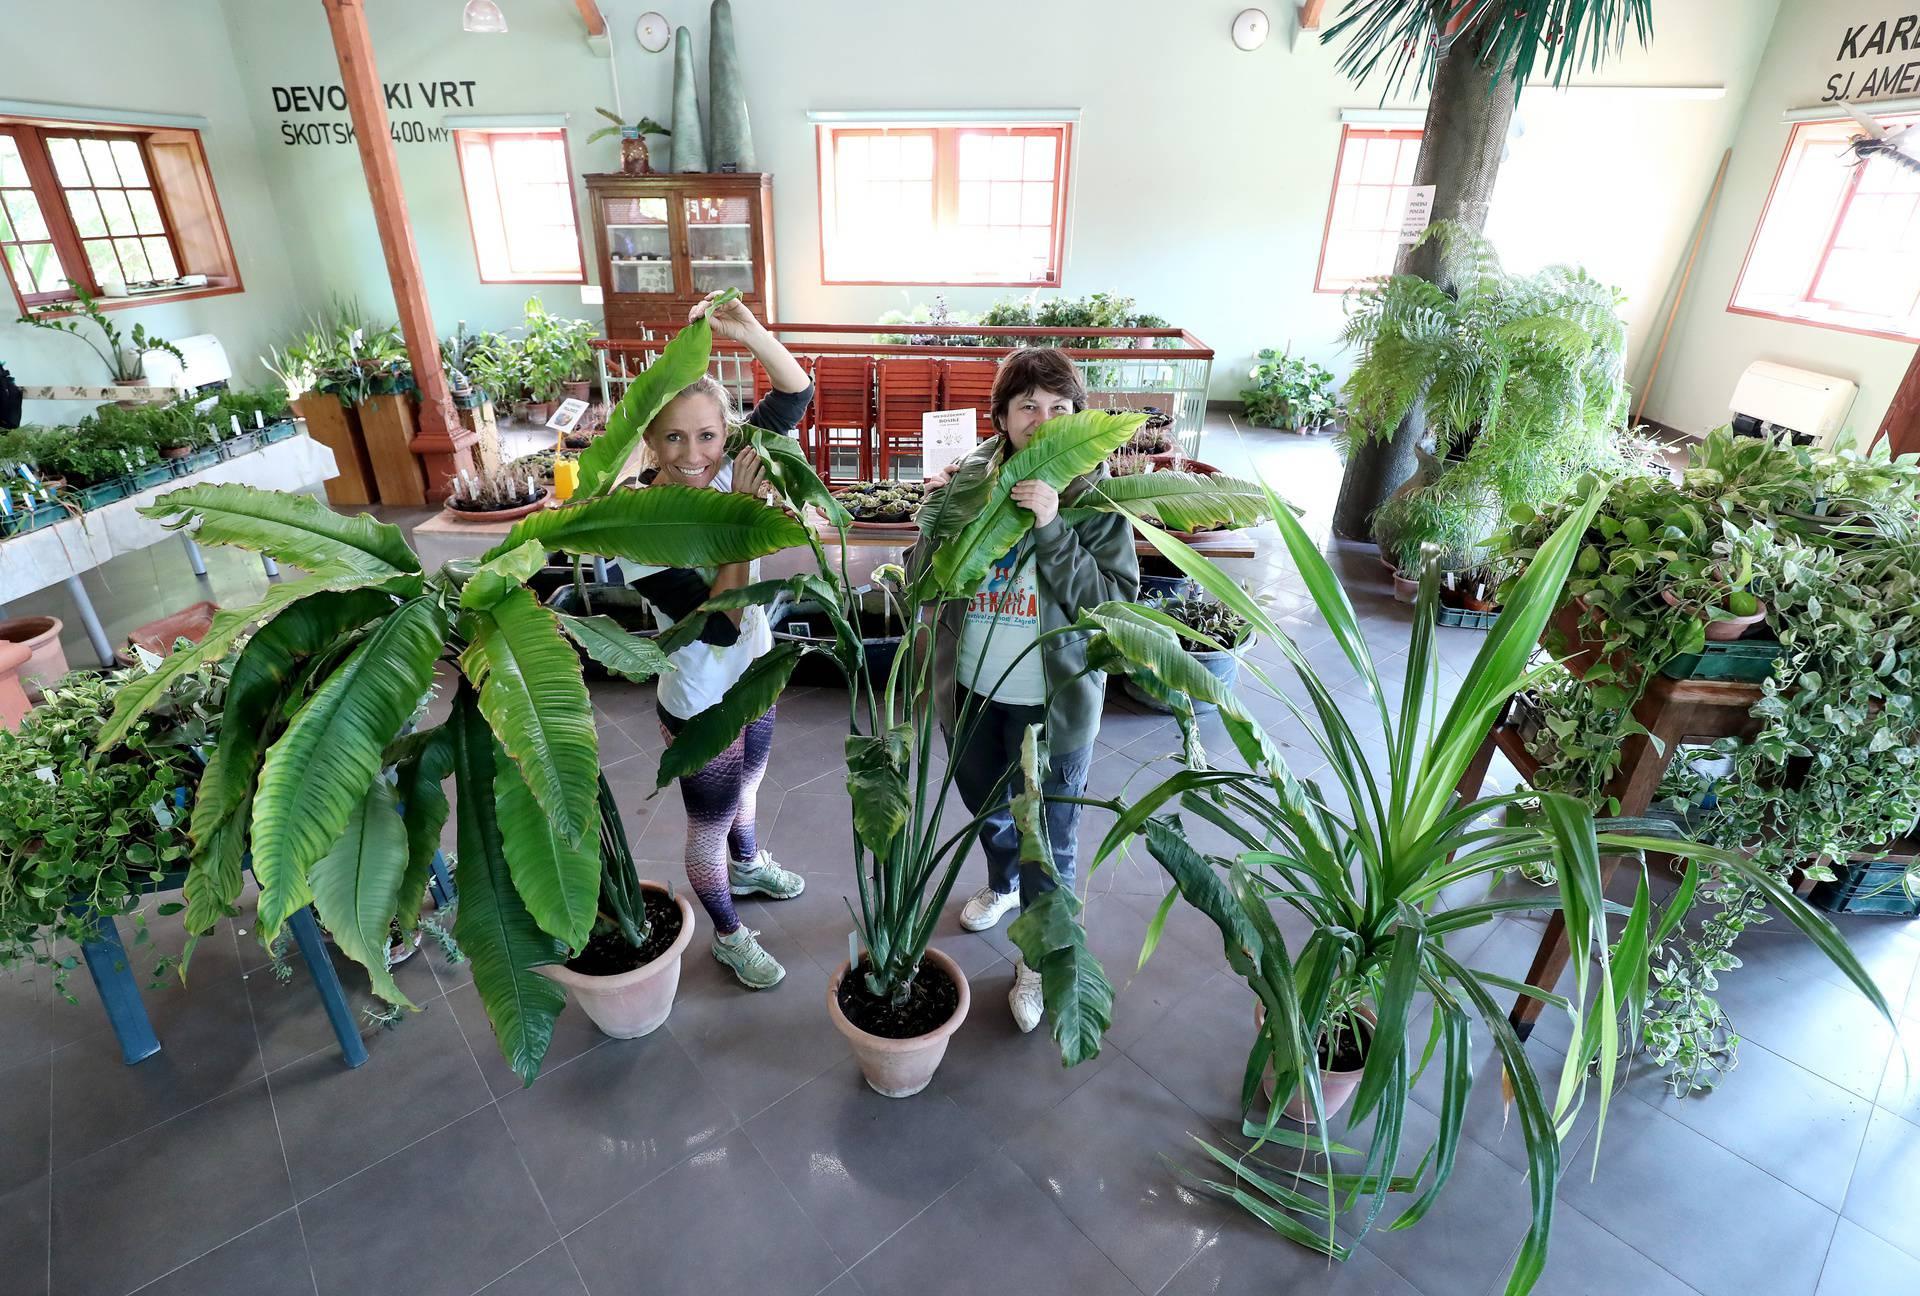 Botanički vrt u Zagrebu najavio je povoljnu rasprodaju biljaka